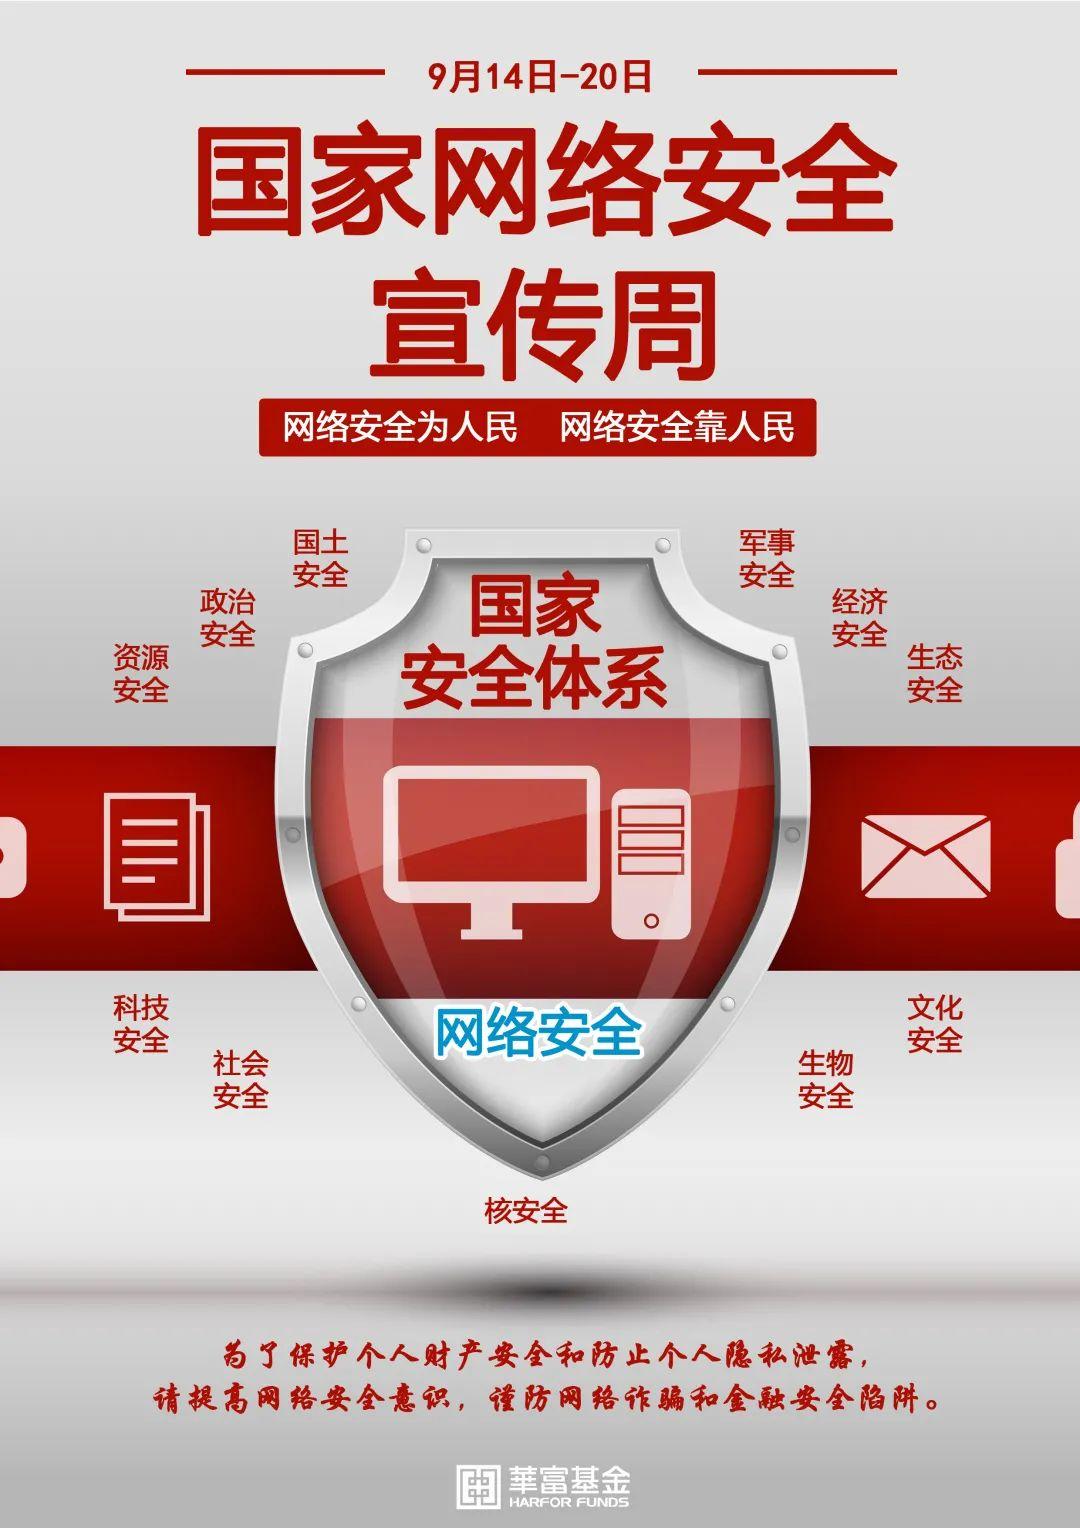 共享网络安全,共享网络文明